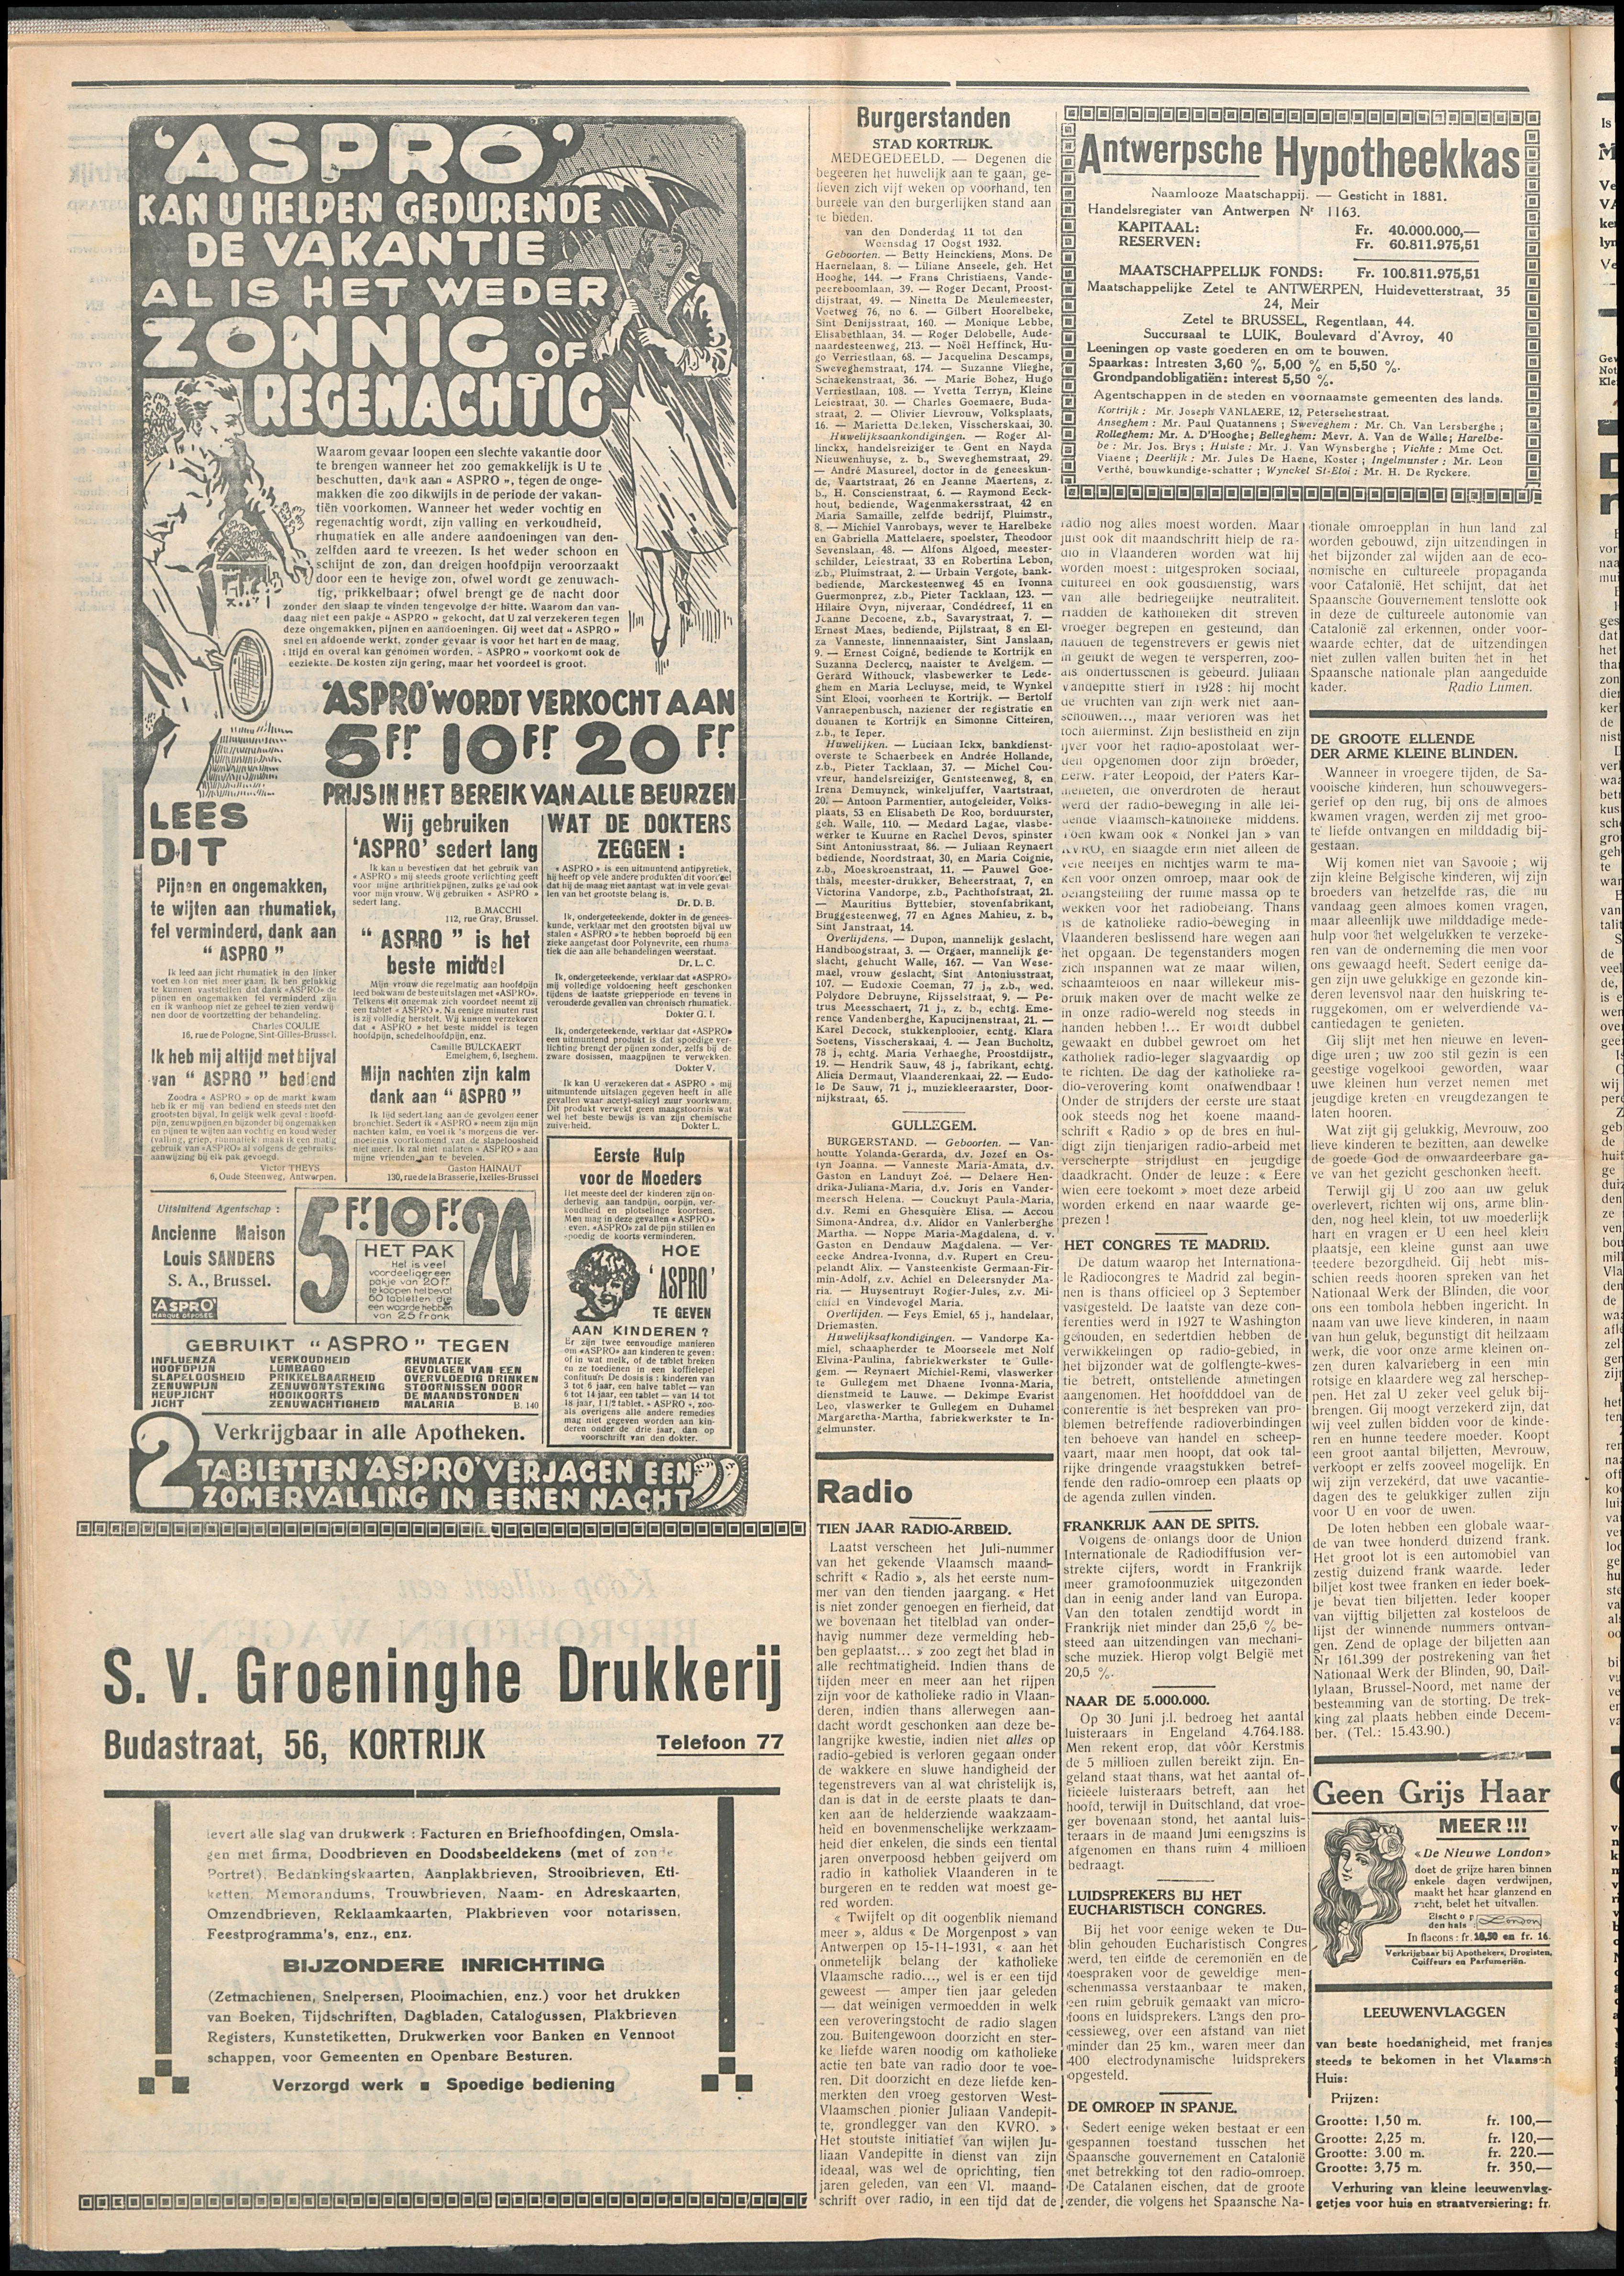 Het Kortrijksche Volk 1932-08-21 p4